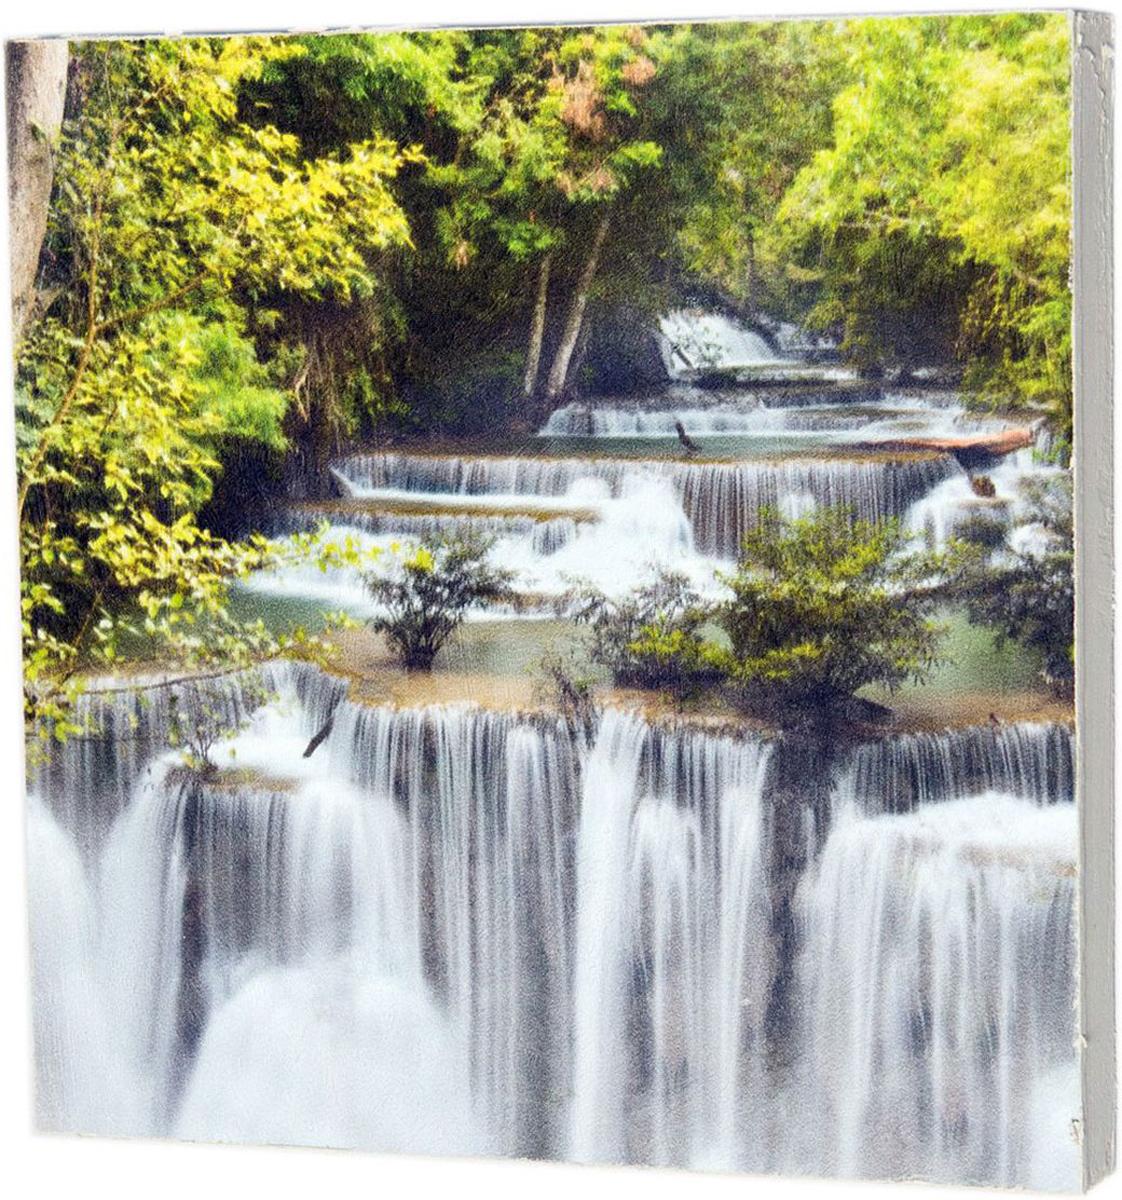 Картина Mister Poster Могущественный водопад, 22 х 22 см0264-22-22Картина Mister Poster - это высококачественная репродукция на деревянной раме. Лицевая поверхность имитирует штукатурку или натуральный холст, края окрашены вручную специальным декоративным составом.Современные технологии, уникальное оборудование и оригинальные чернила, используемые при изготовлении, делают постер устойчивым к выцветанию, а также гарантируют стойкость к воздействию негативных внешних факторов. Интерьер дома и офиса, в котором находится человек, в значительной степени влияет на его настроение и работоспособность. Правильное оформление интерьера создает благоприятный психологический климат, улучшает настроение и мотивирует. Добавьте «красок» в ваш интерьер и, возможно, в вашу жизнь.